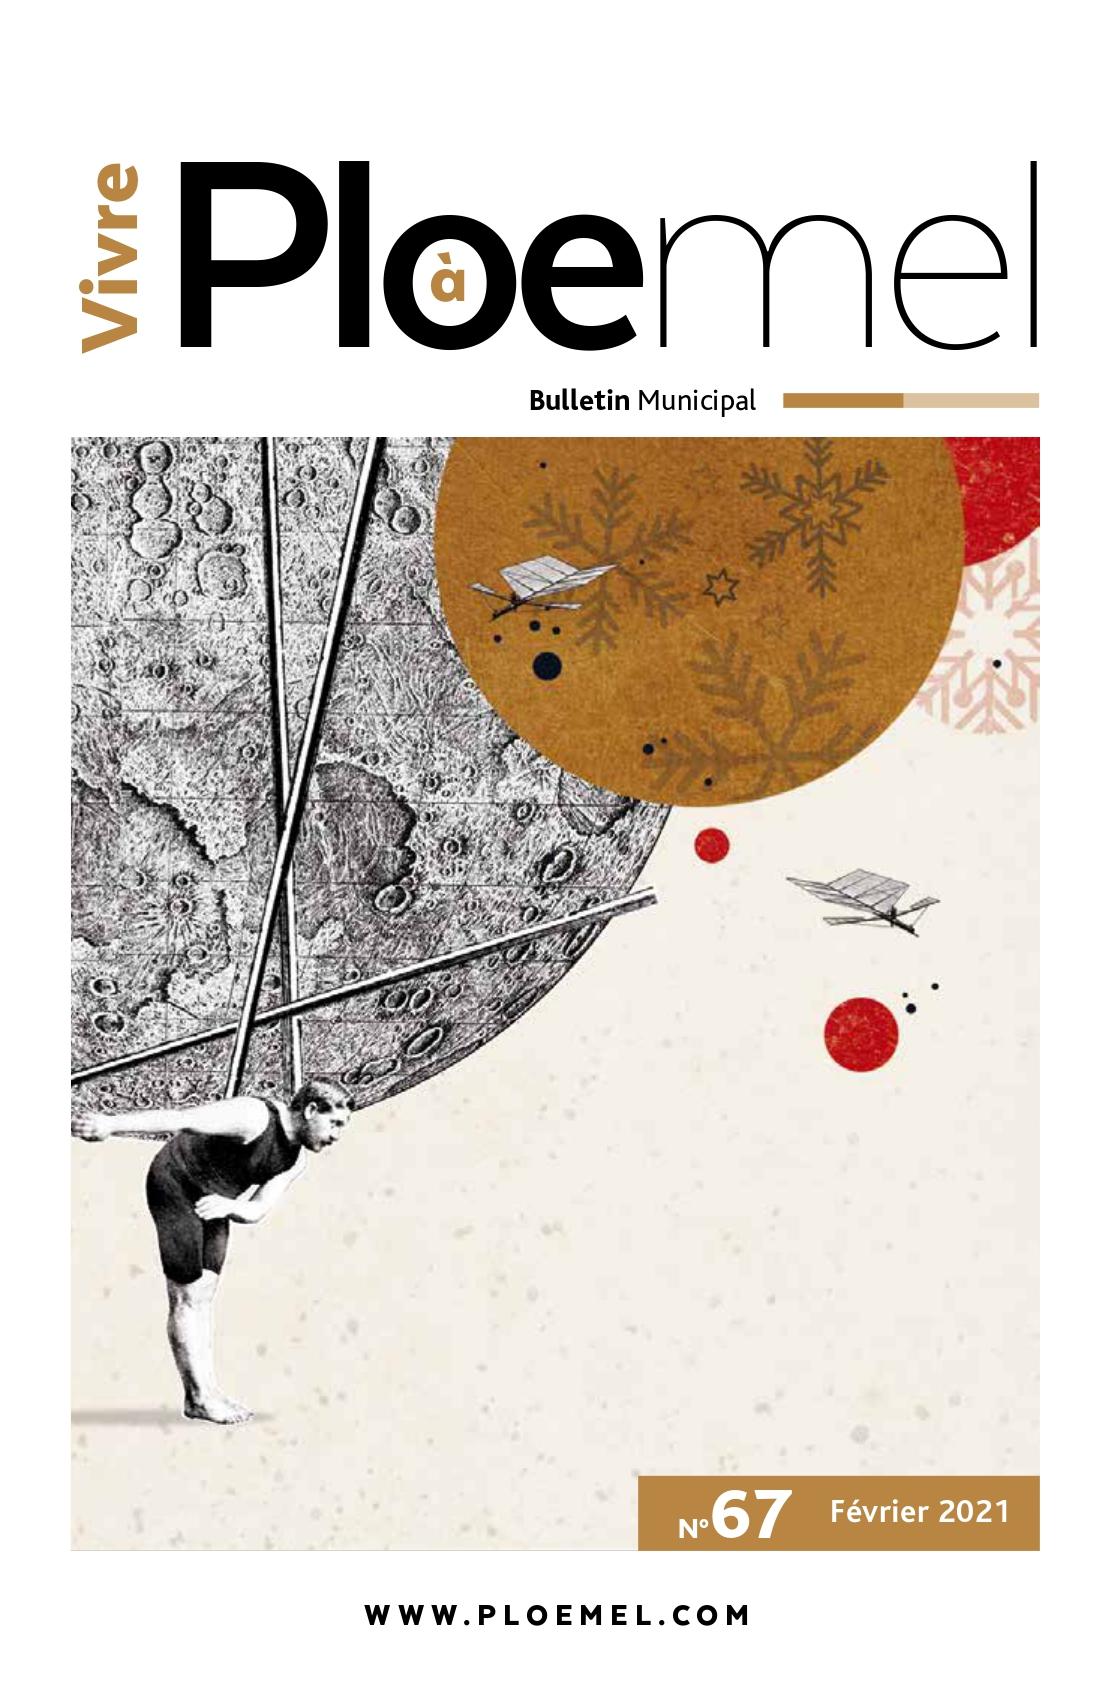 BM de Ploemel n°67 - février 2021_page-0001.jpg